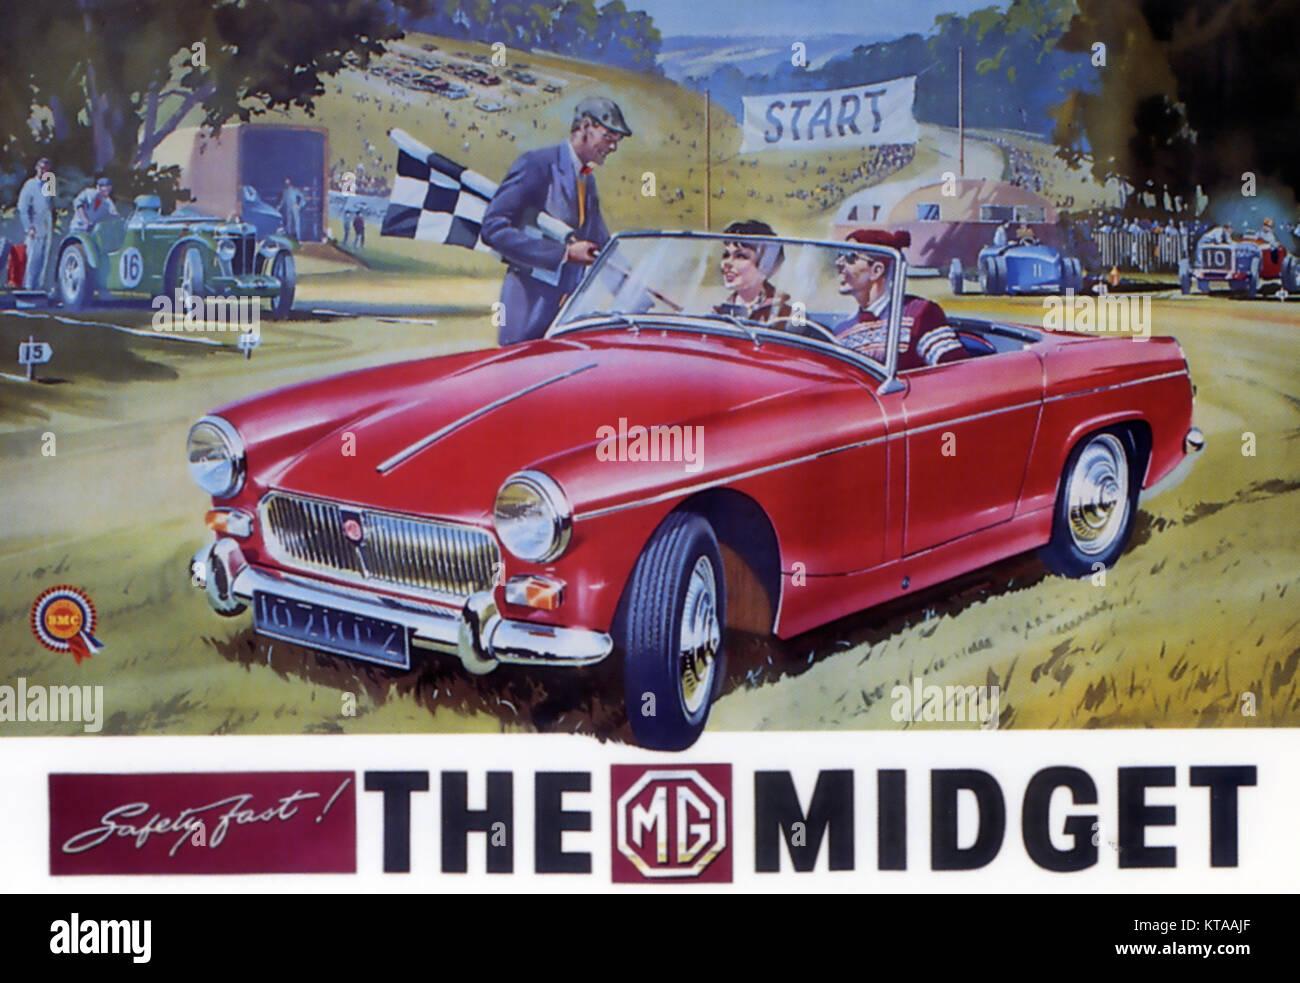 MG Midget 1,1 Liter Sport Auto in einer Anzeige av = Zeitraum 1963 Stockbild